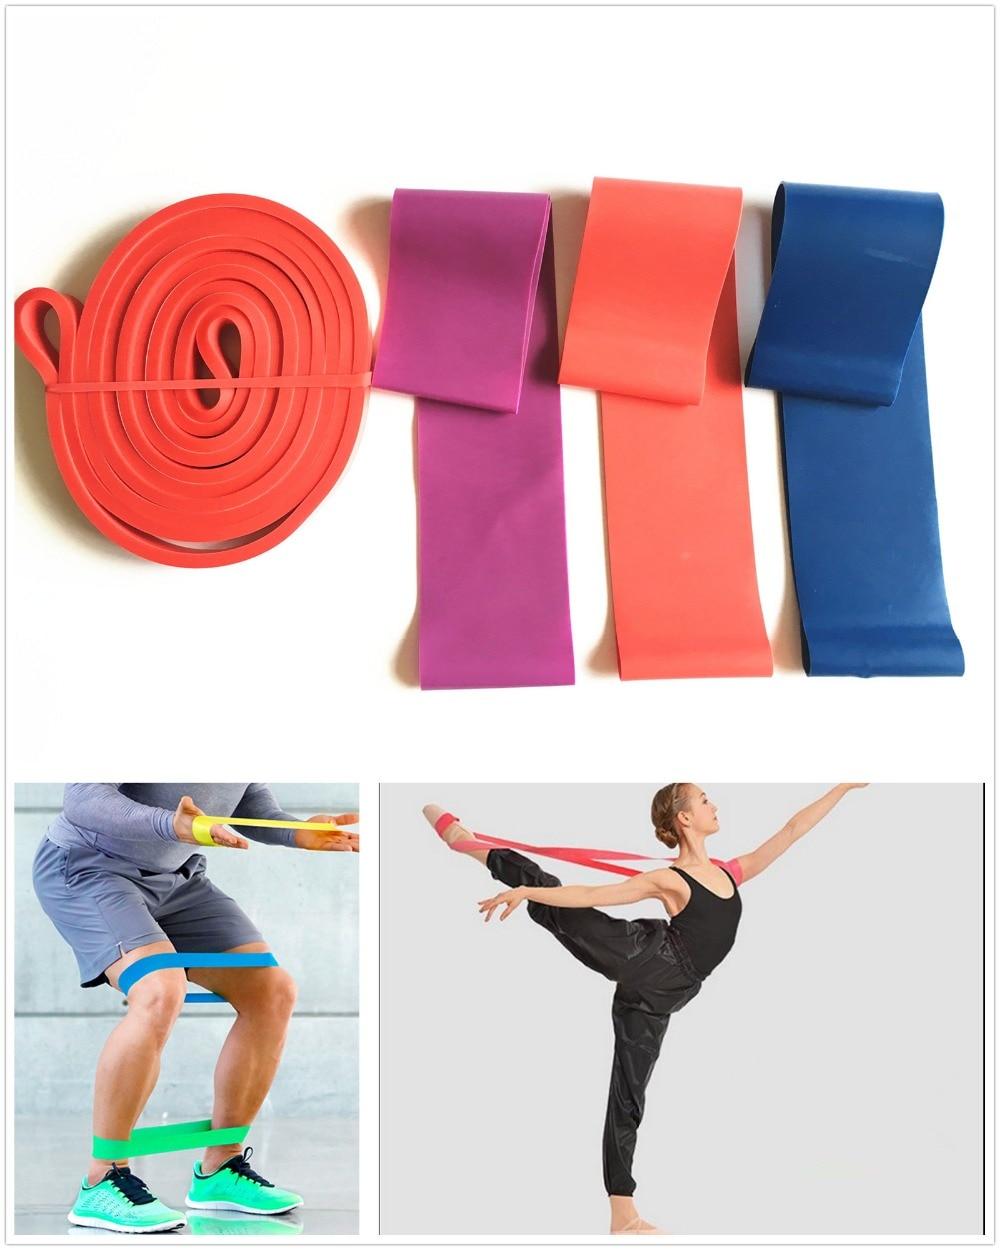 Banda Elastica de Resistencia Goma para Fitness Yoga Fuerza Ejercicio 13mm Roja